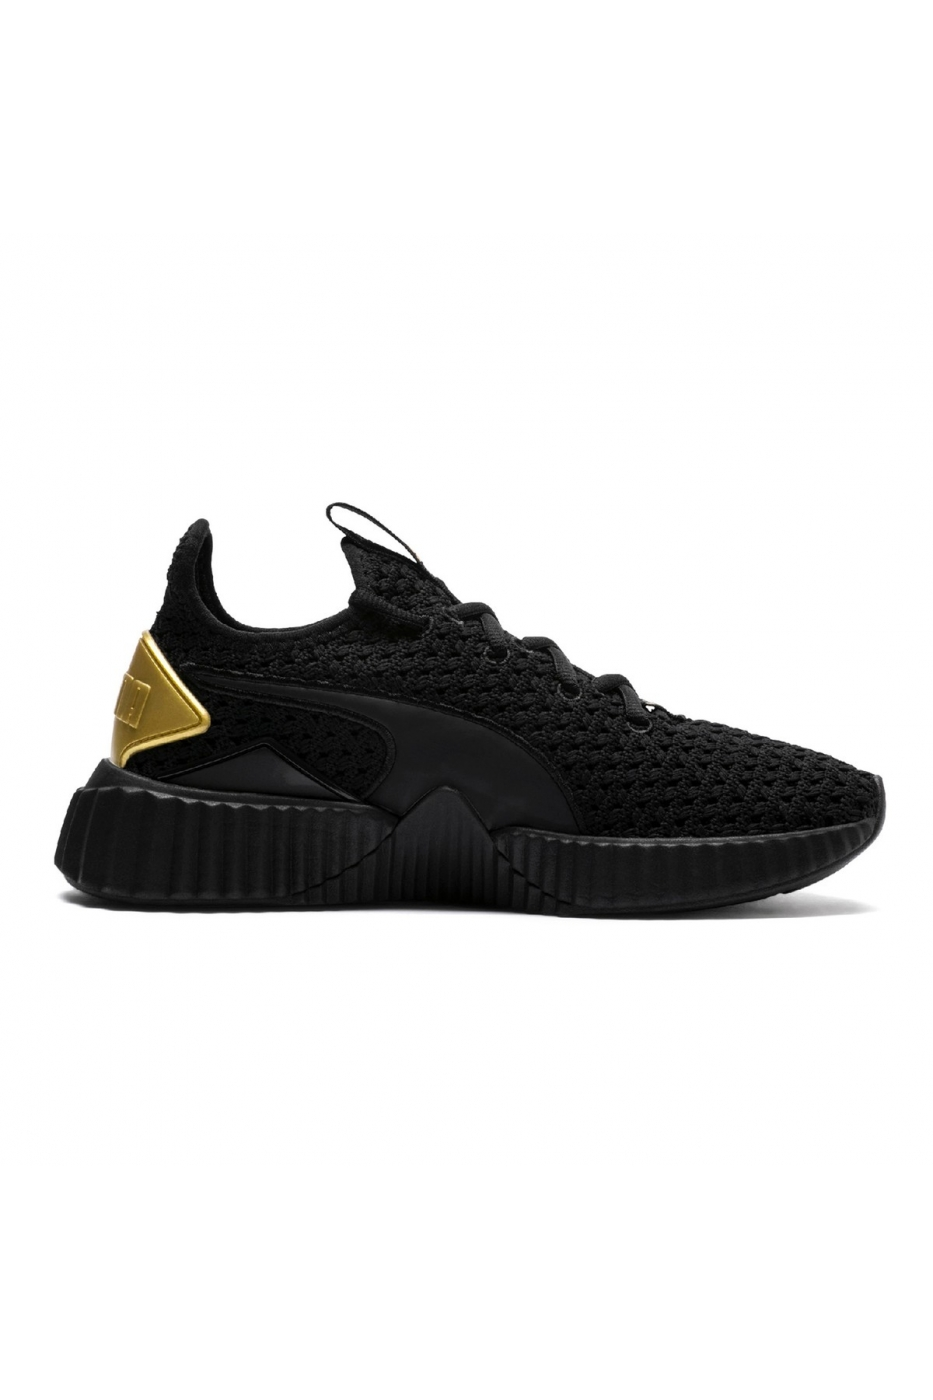 Puma Sneaker cipő LRD-GFE838-black Fekete - Glami.hu 08f1f7414e